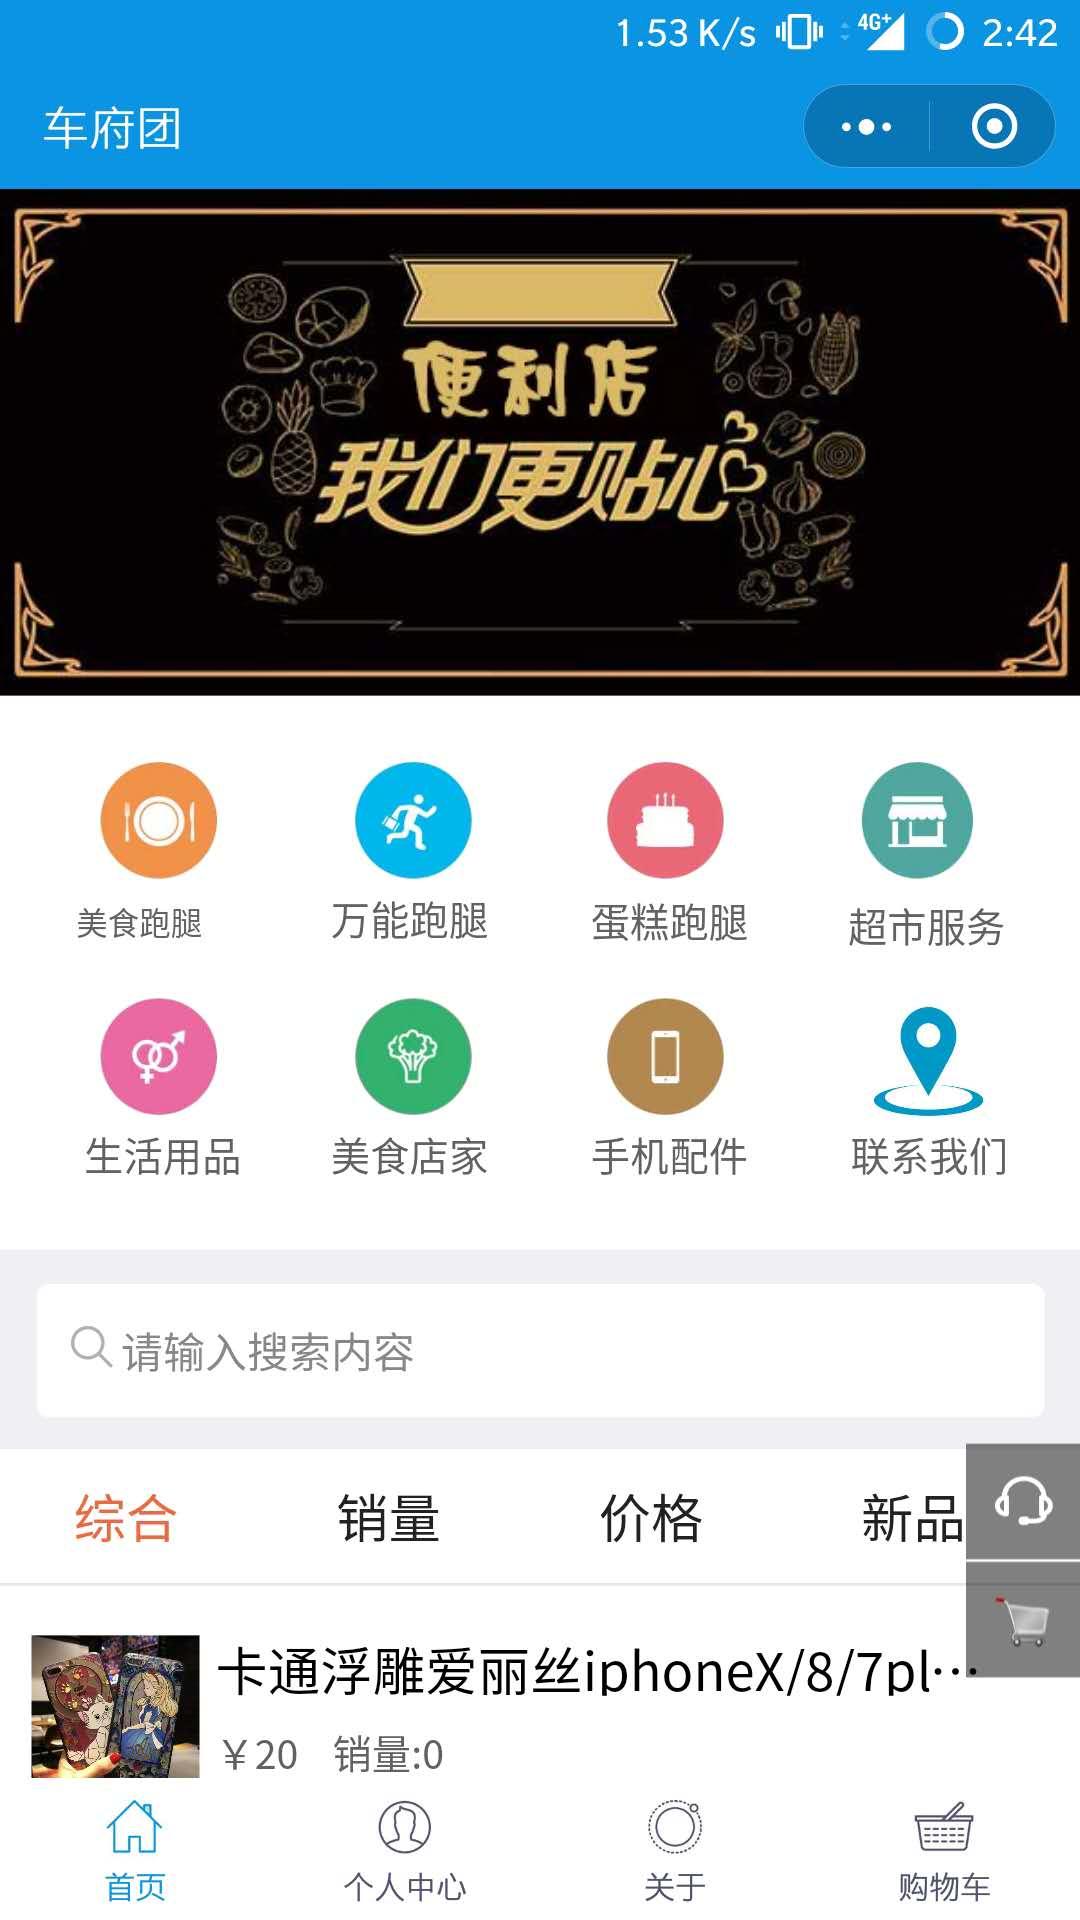 深圳市麟恩技术有限公司